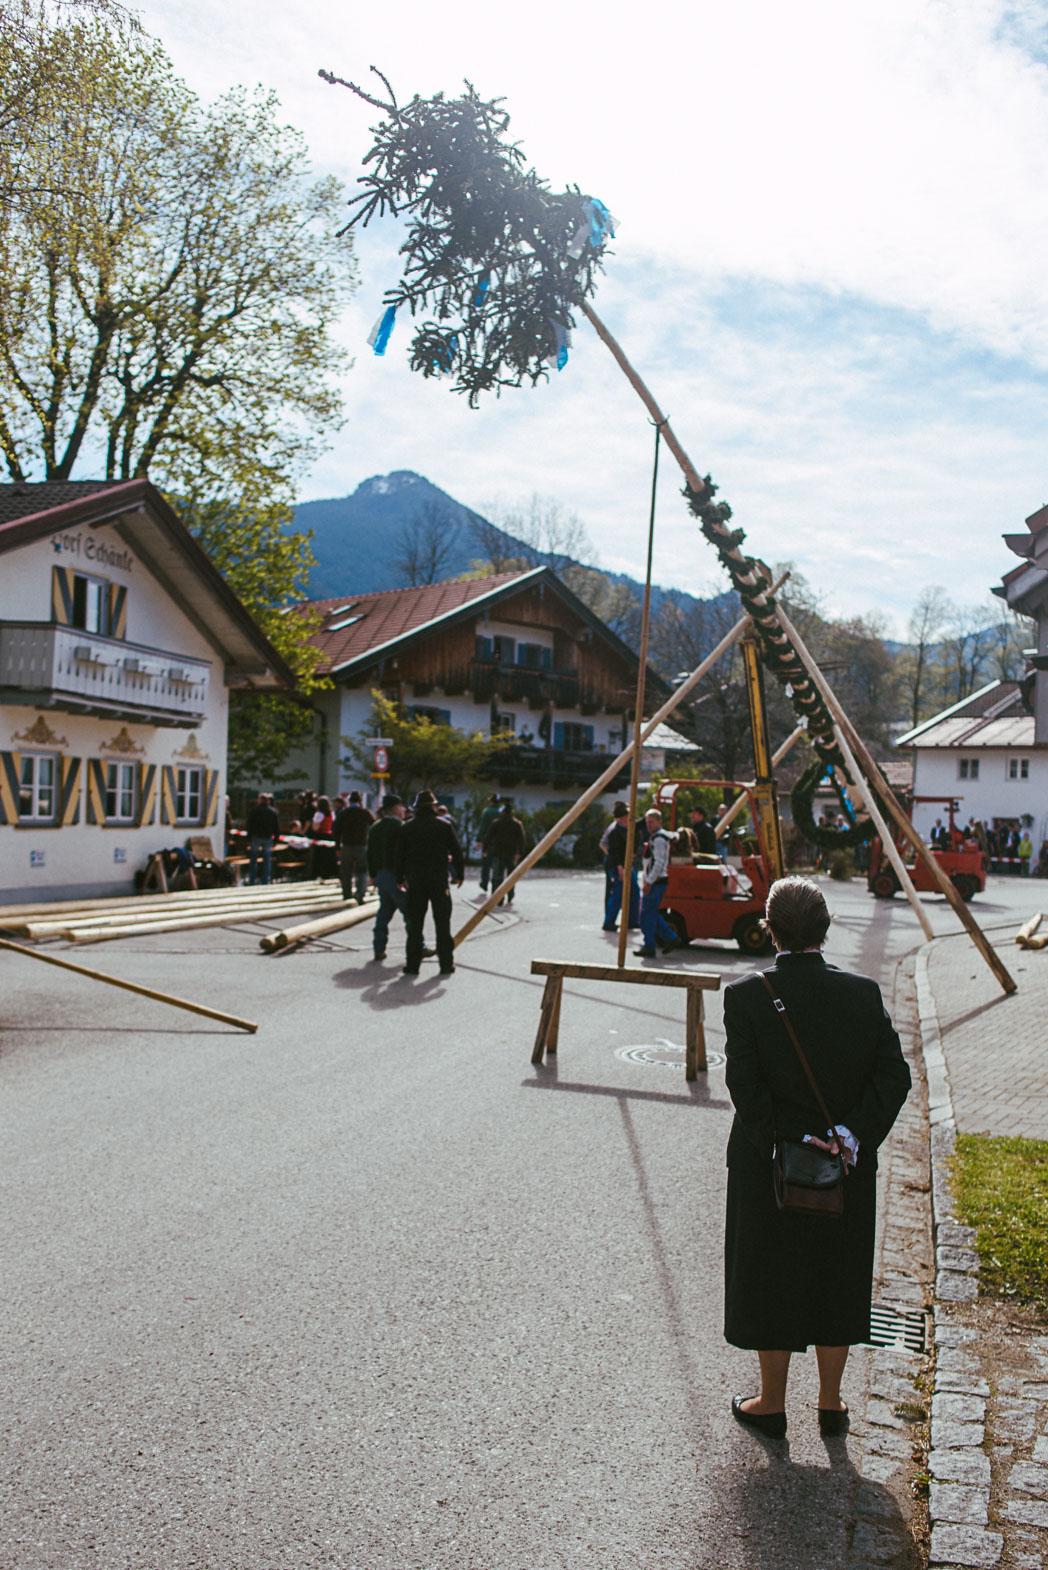 Lenggries - Allgäu - Arabella Brauneck Hotel - Geschichten von unterwegs -8023